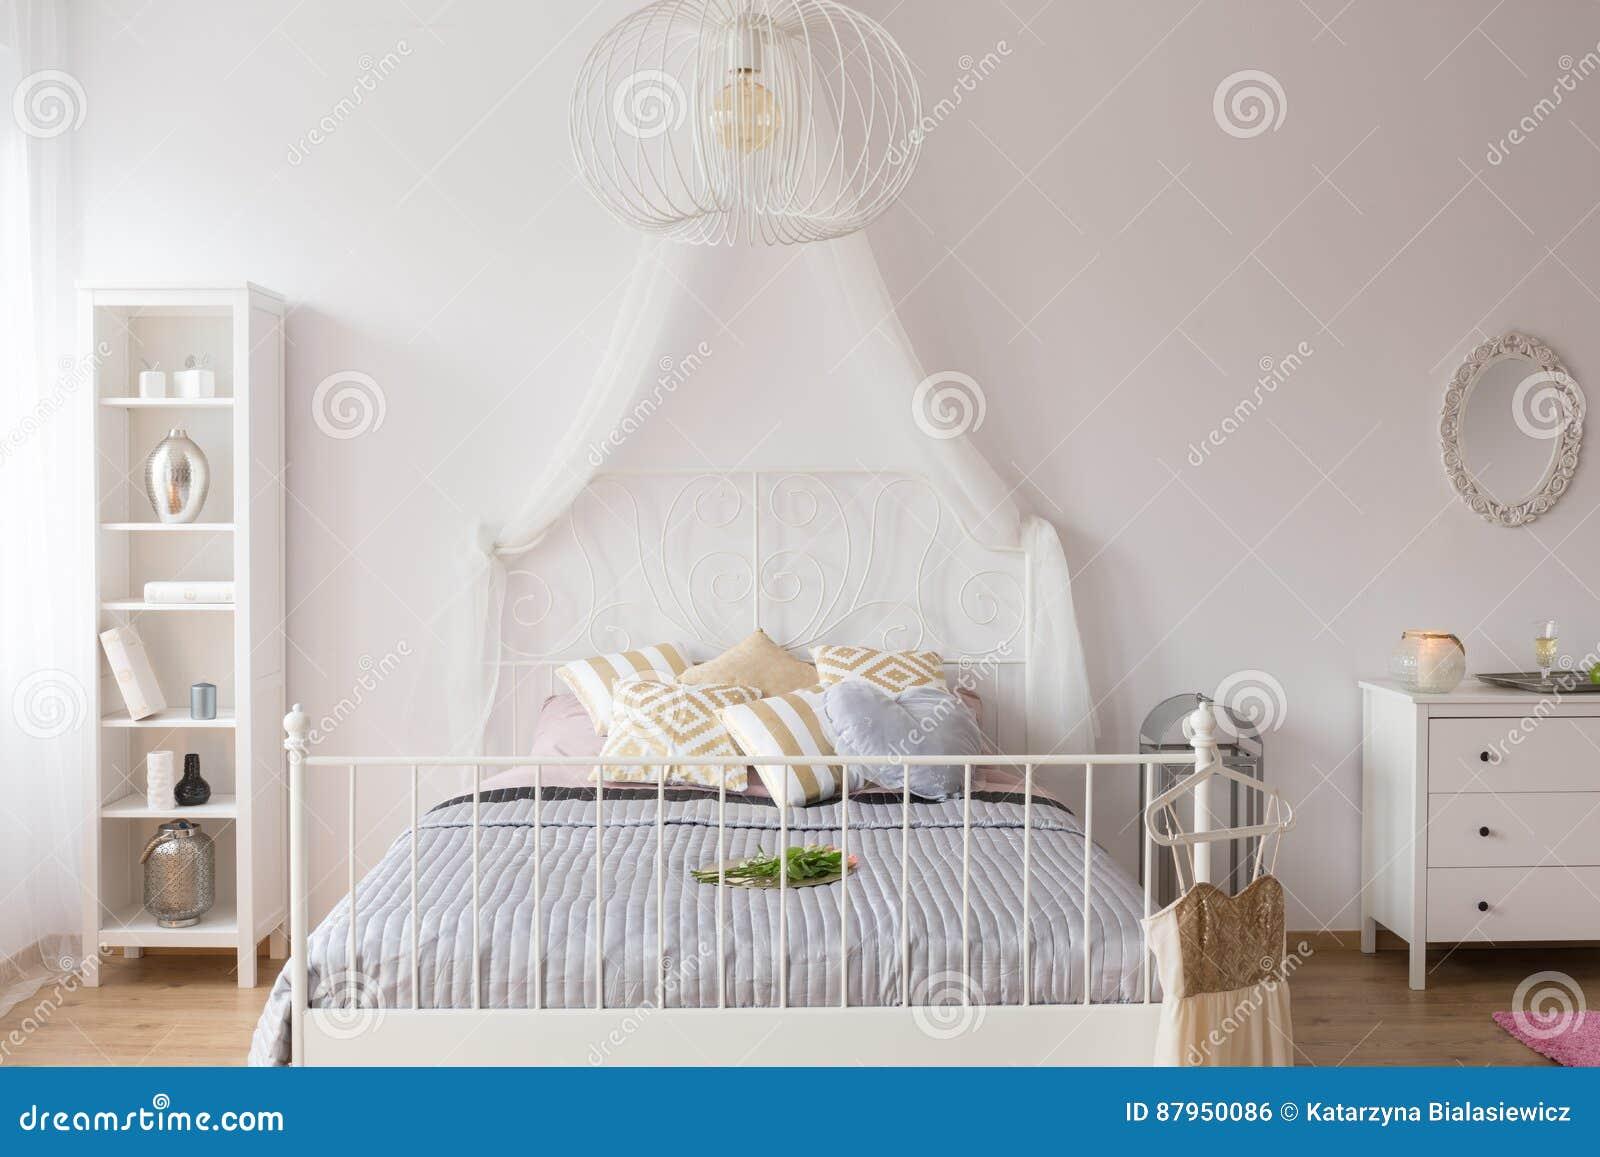 Camere Da Letto Con Letto A Baldacchino : Camera da letto con il letto del baldacchino fotografia stock